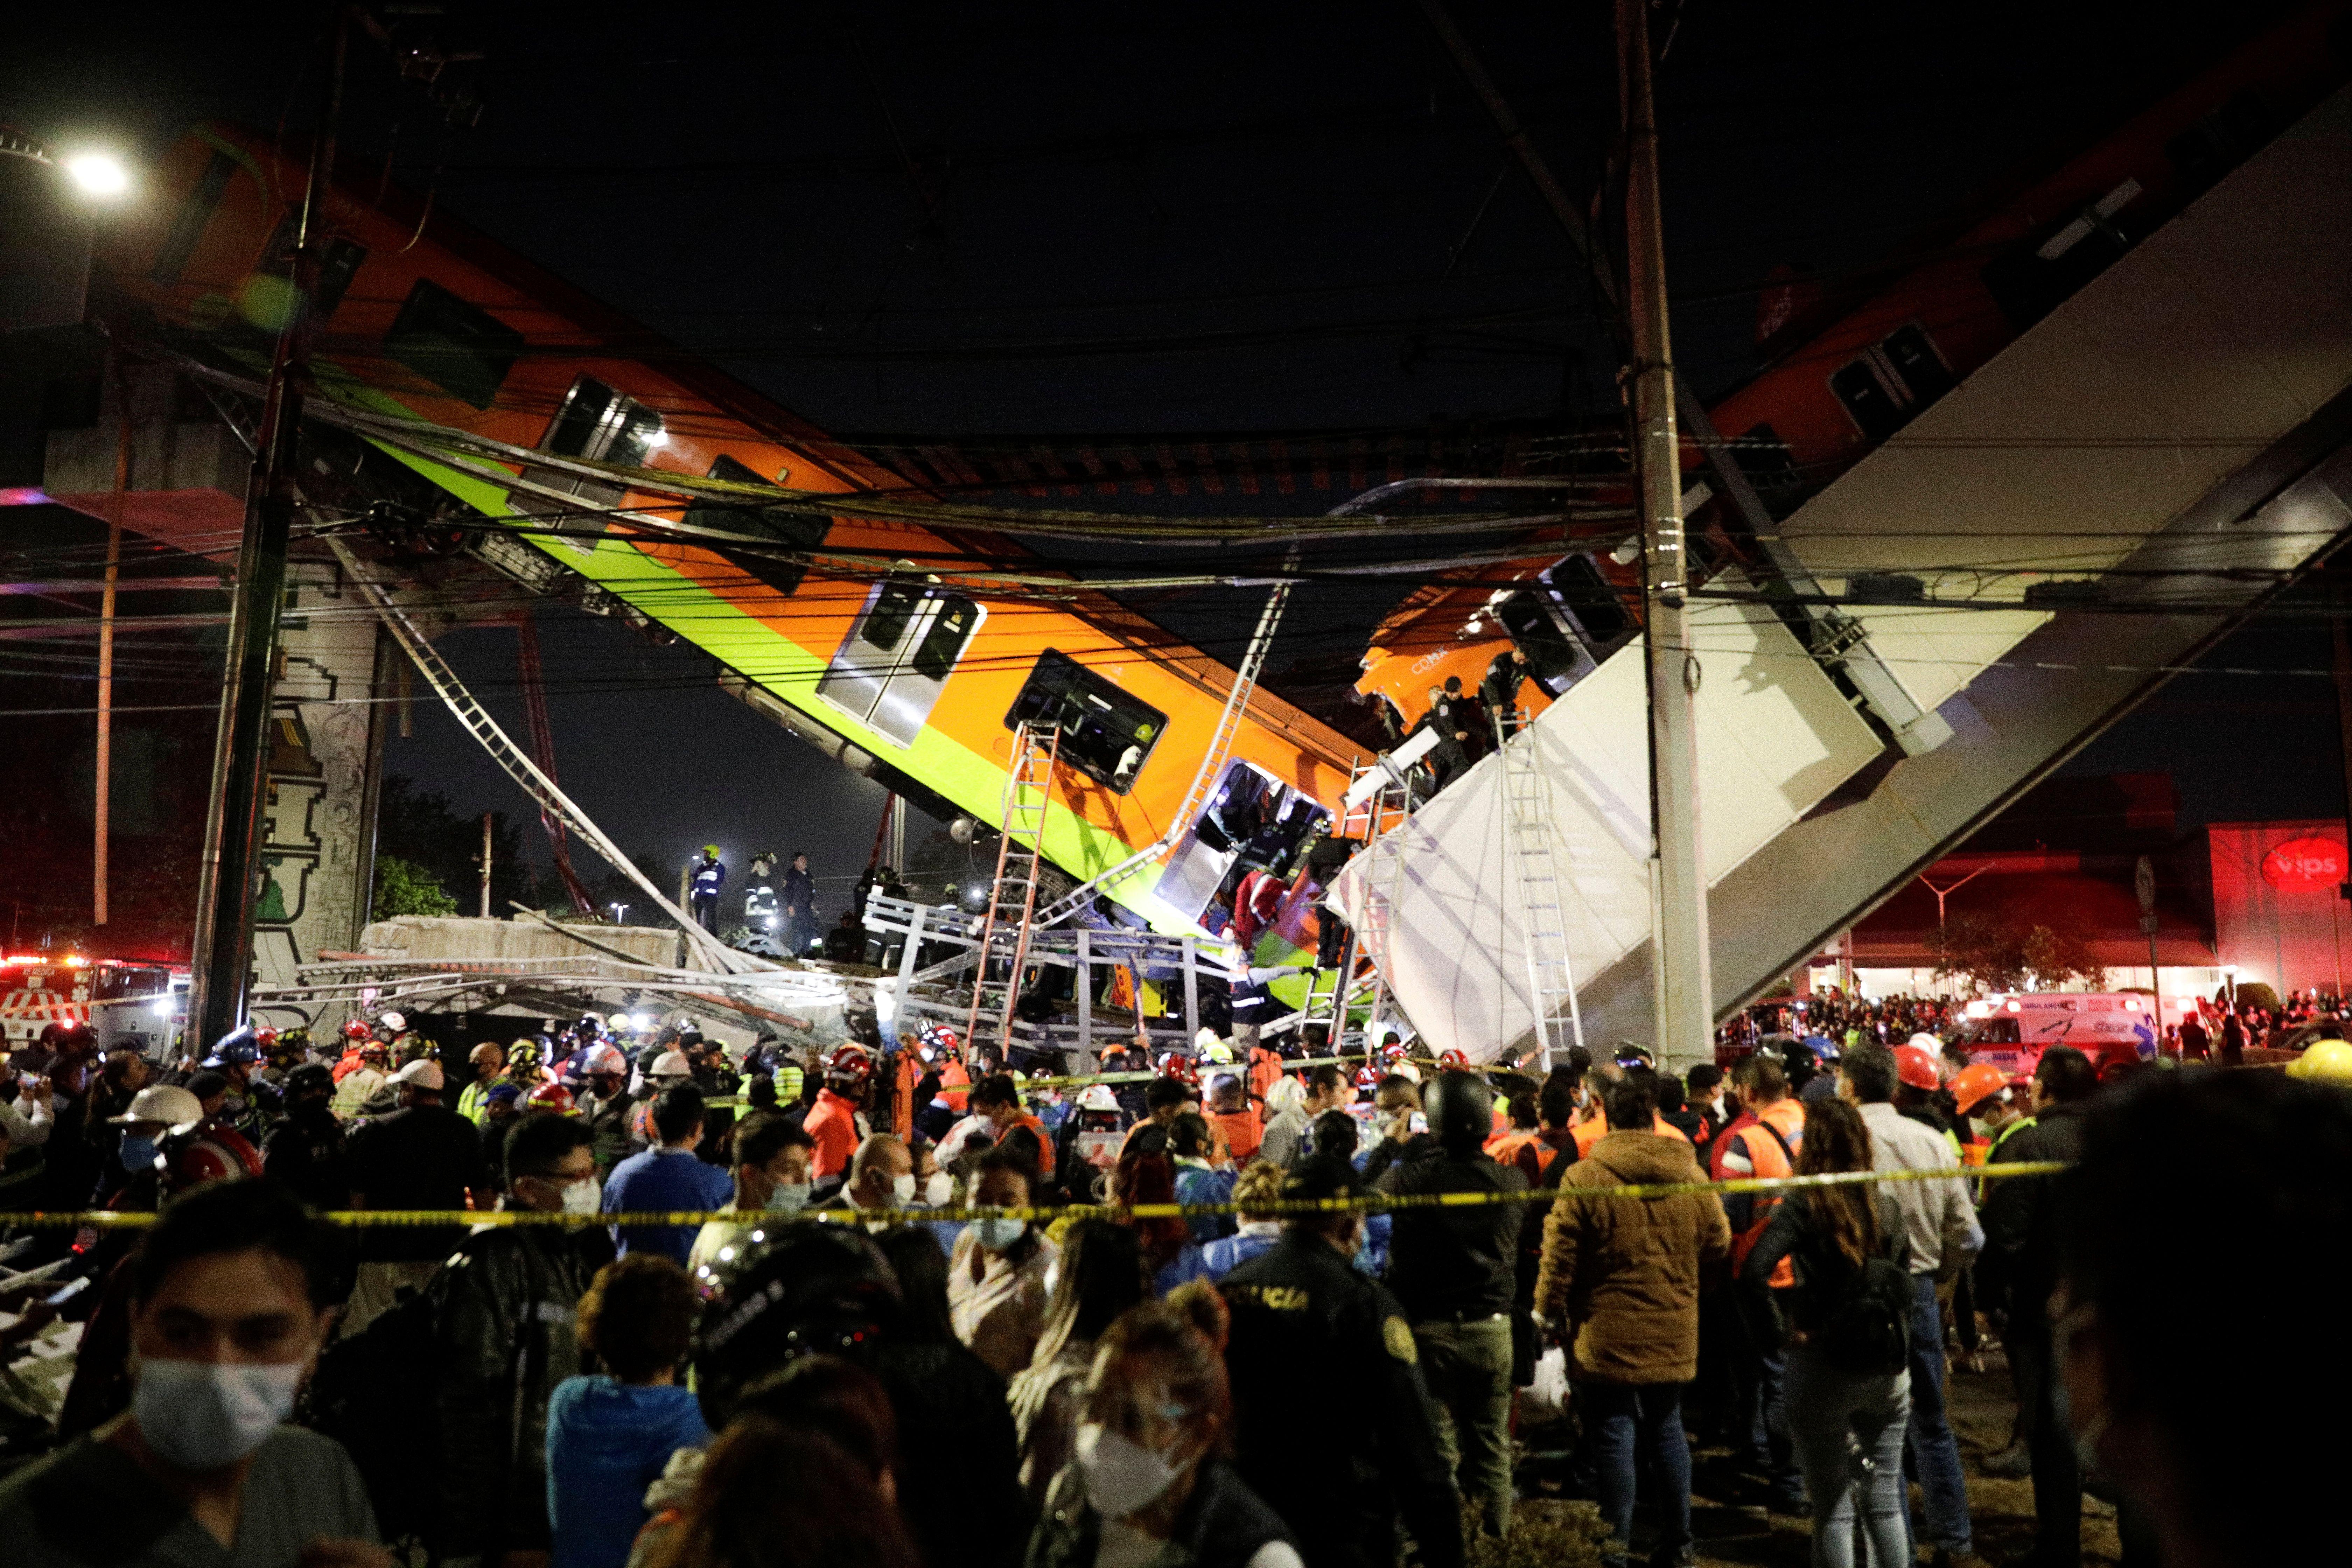 Los socorristas trabajan en el sitio del accidente de tren en la estación de Olivos en la Ciudad de México, México, 3 de mayo de 2021. Luis Cortes / REUTERS